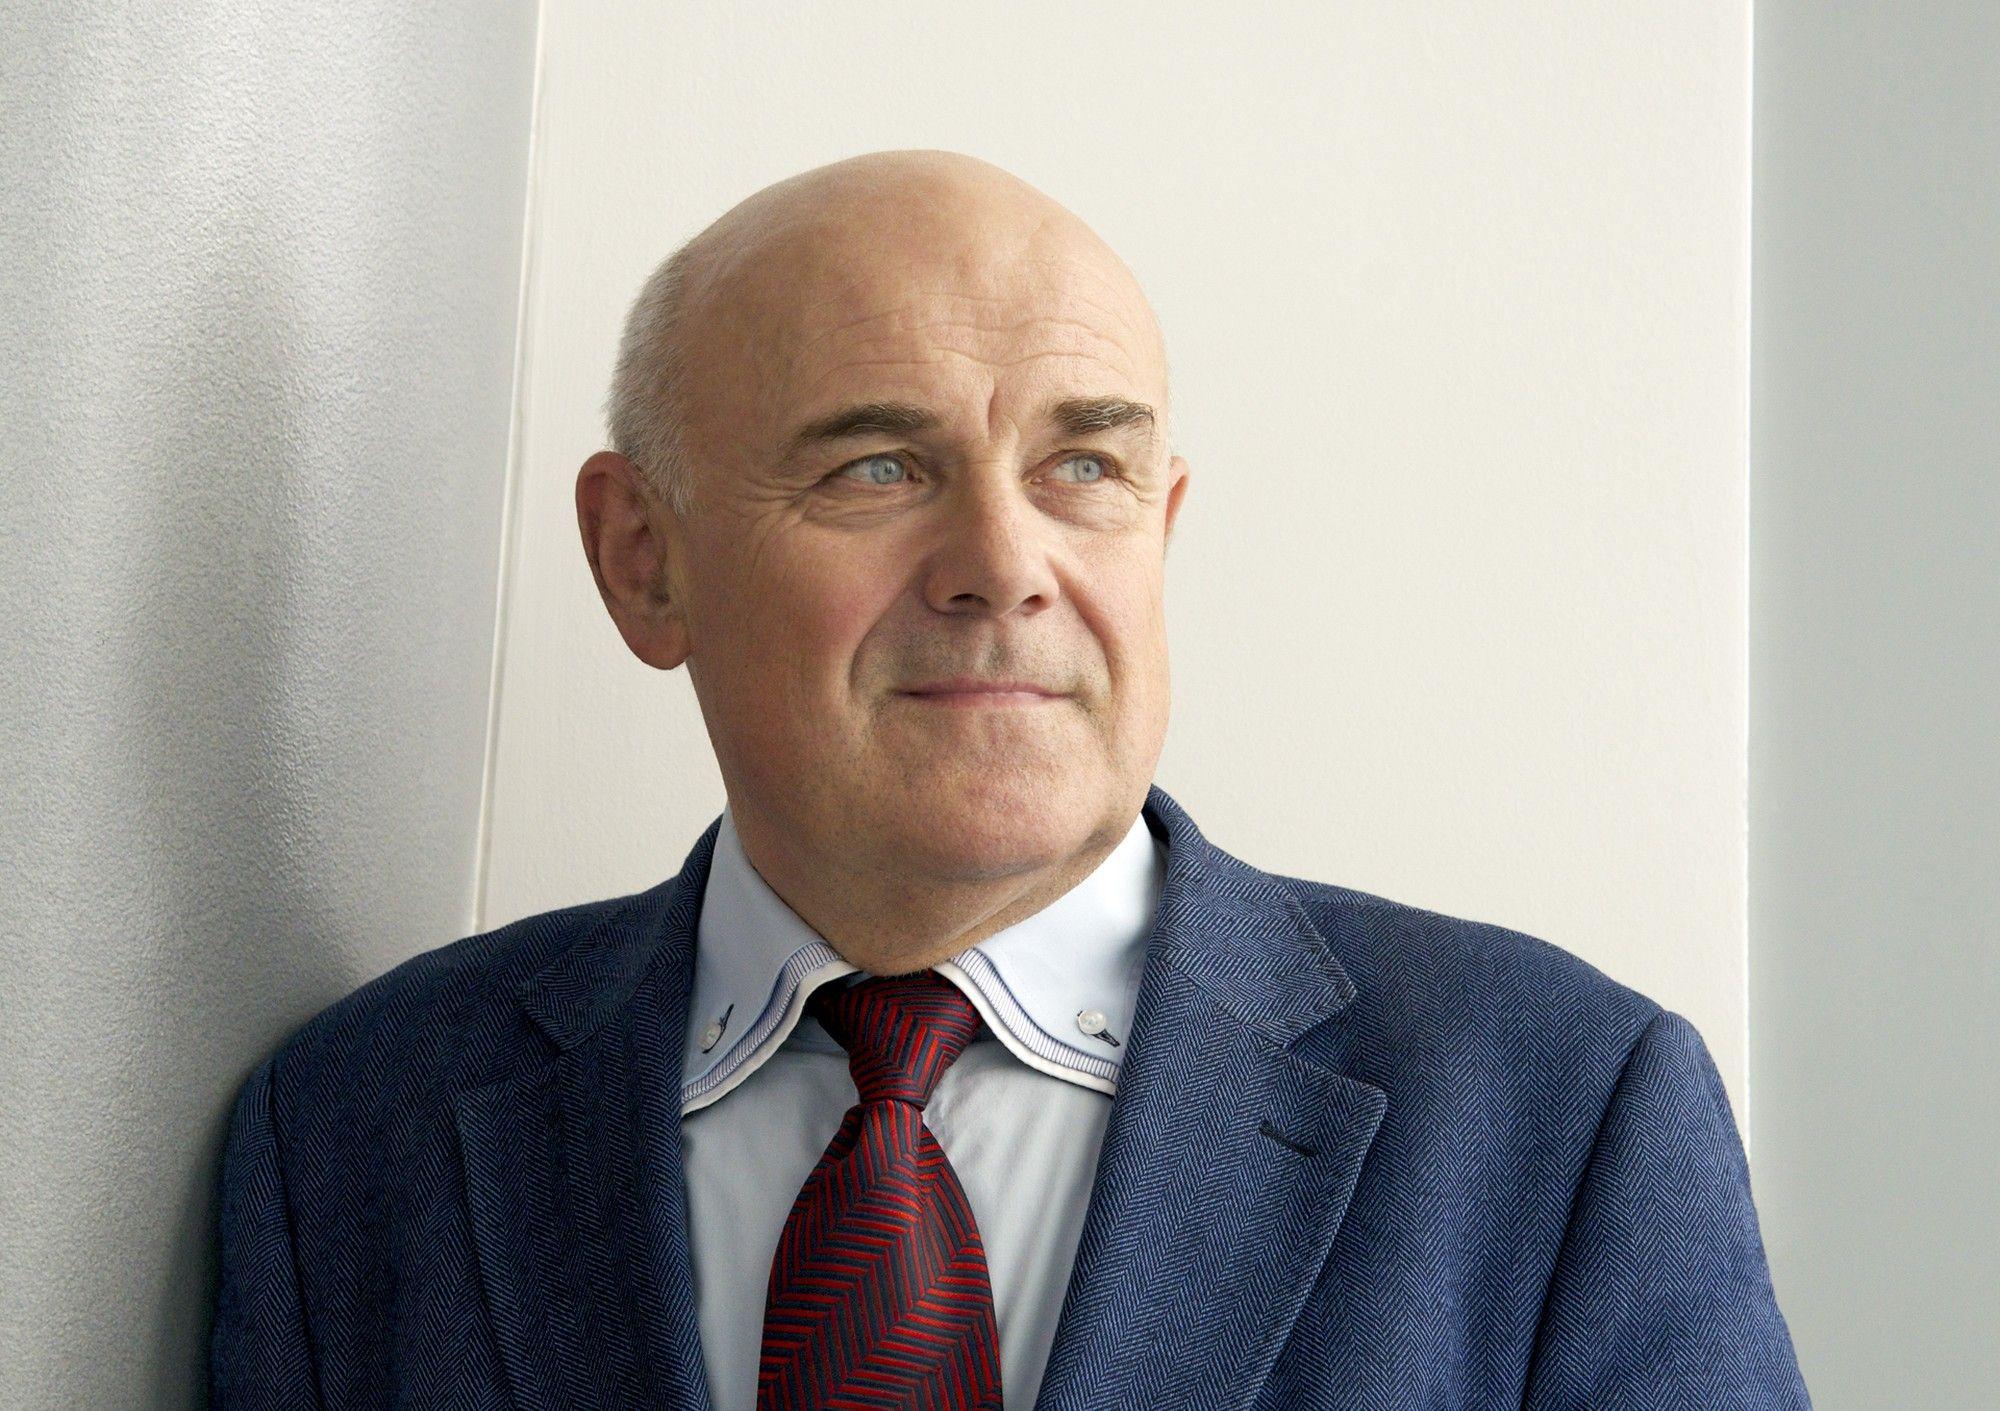 Profesor Mařík byl odvolán z postu ředitele robotického institutu na ČVUT